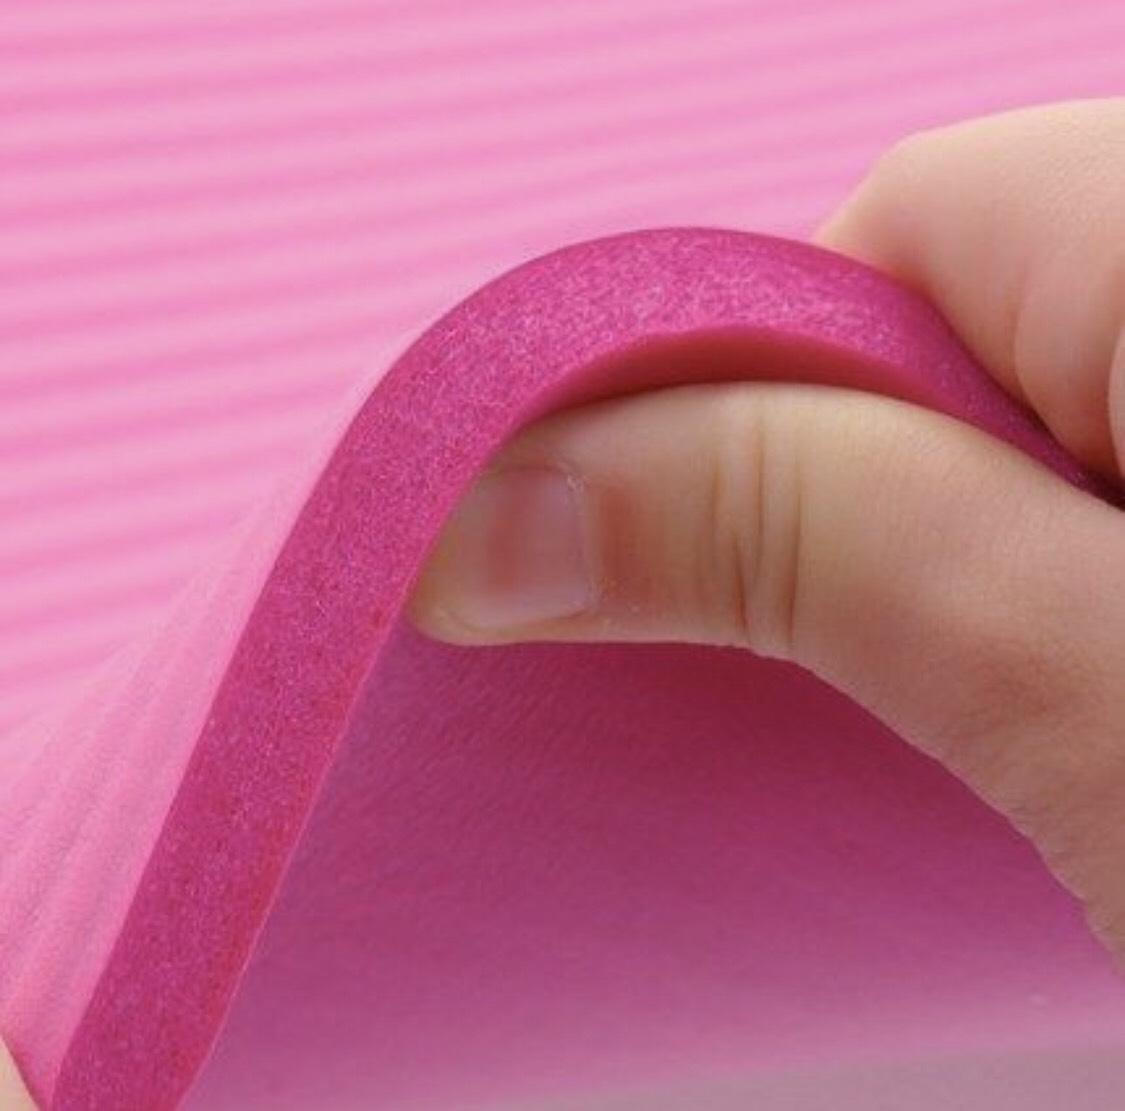 Tiết Kiệm Cực Đã Khi Mua (nhiều Màu) Thảm Tập Yoga-Gym Vân Sọc 10mm Tặng Quà Túi đựng Thảm Và Dây Buộc Thảm Sang Trọng